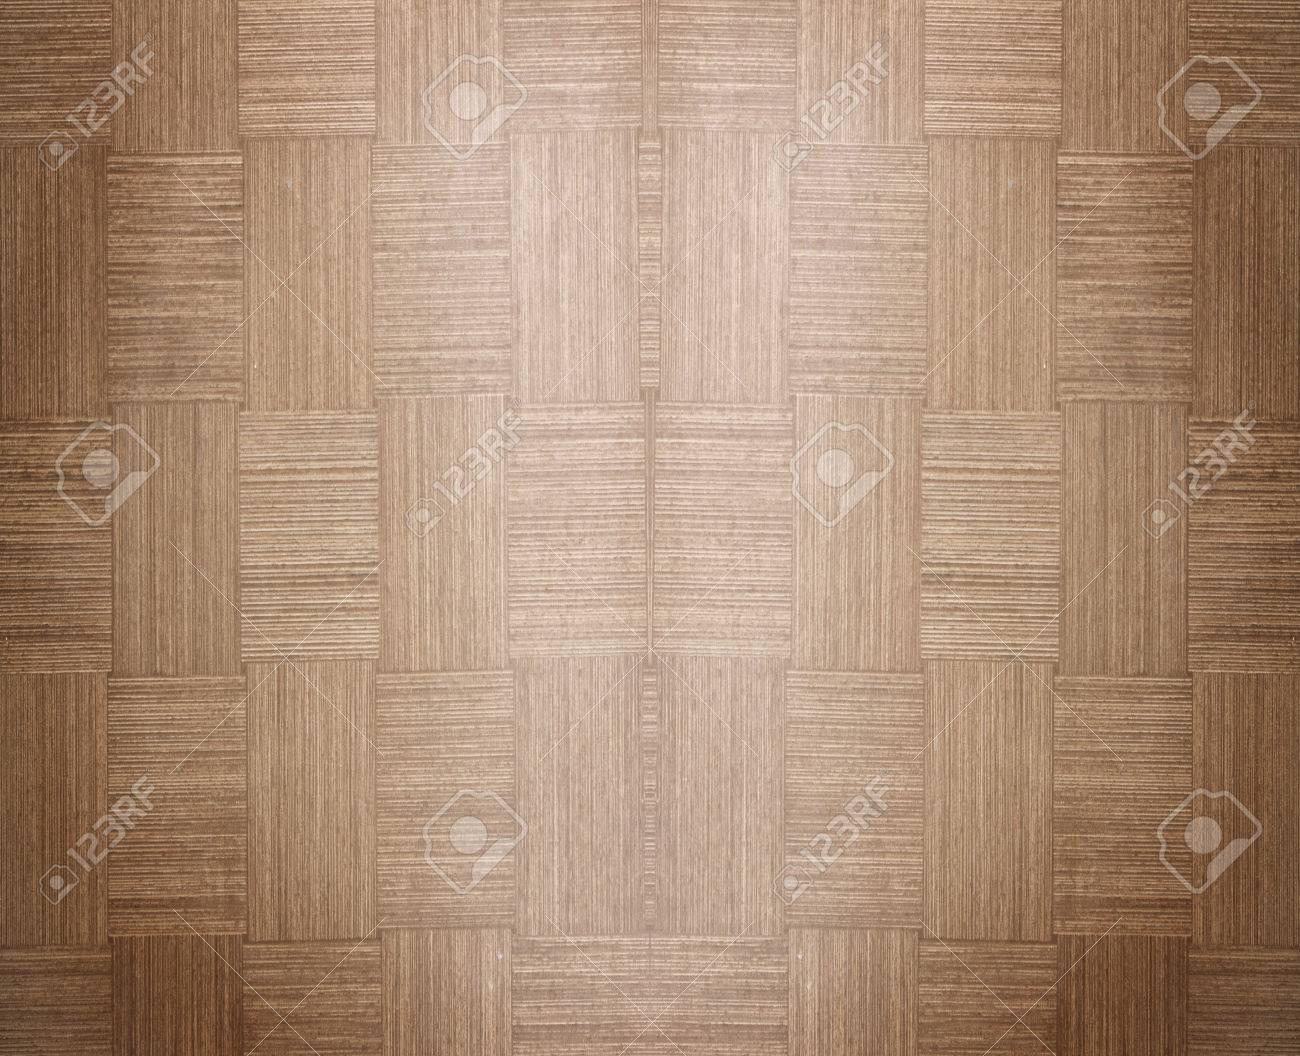 Laminat textur eiche  Laminat Textur Eiche | Haus Deko Ideen